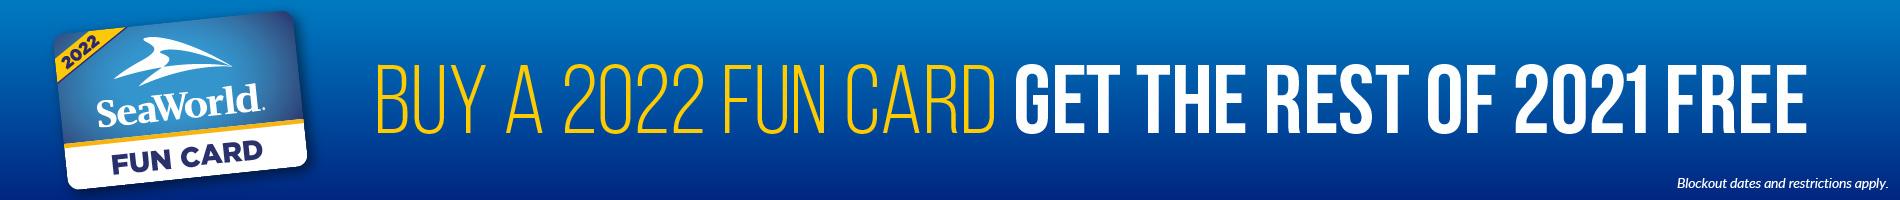 2022 Fun Card